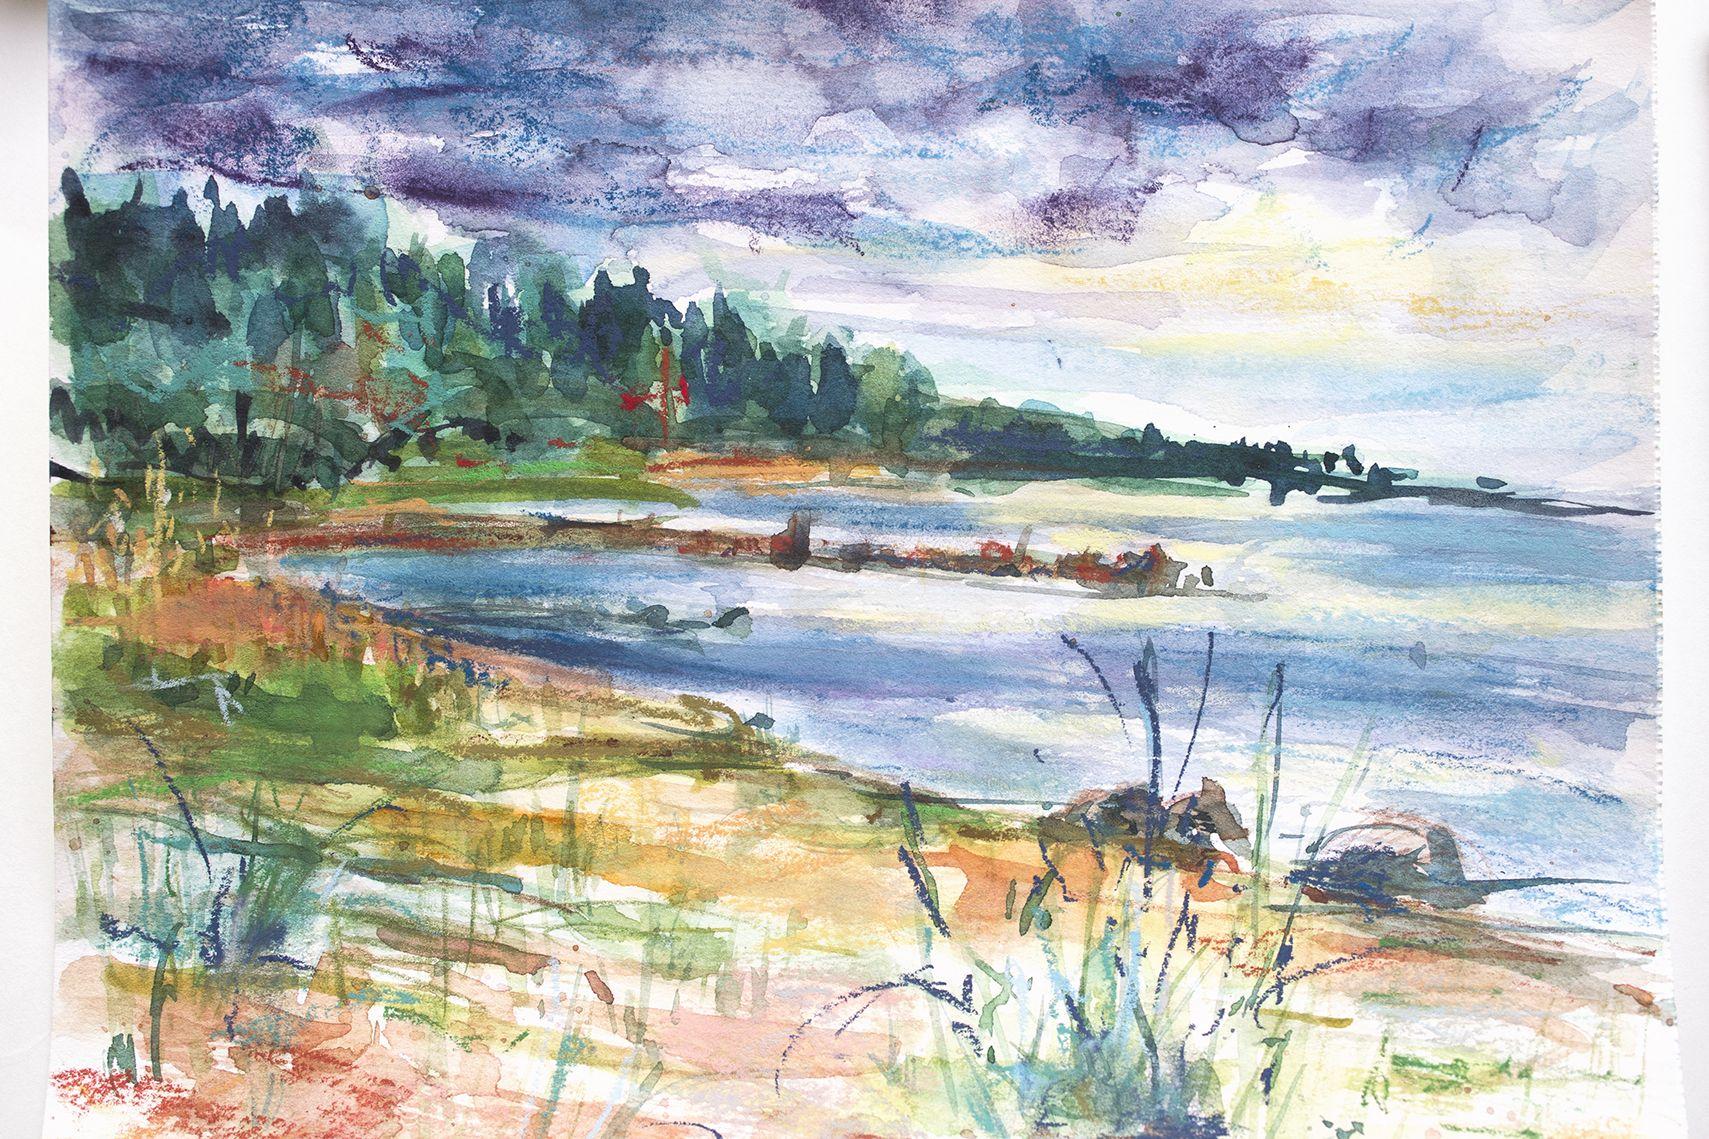 Original Art Landscape Original Pastel Painting Seascape Mixed